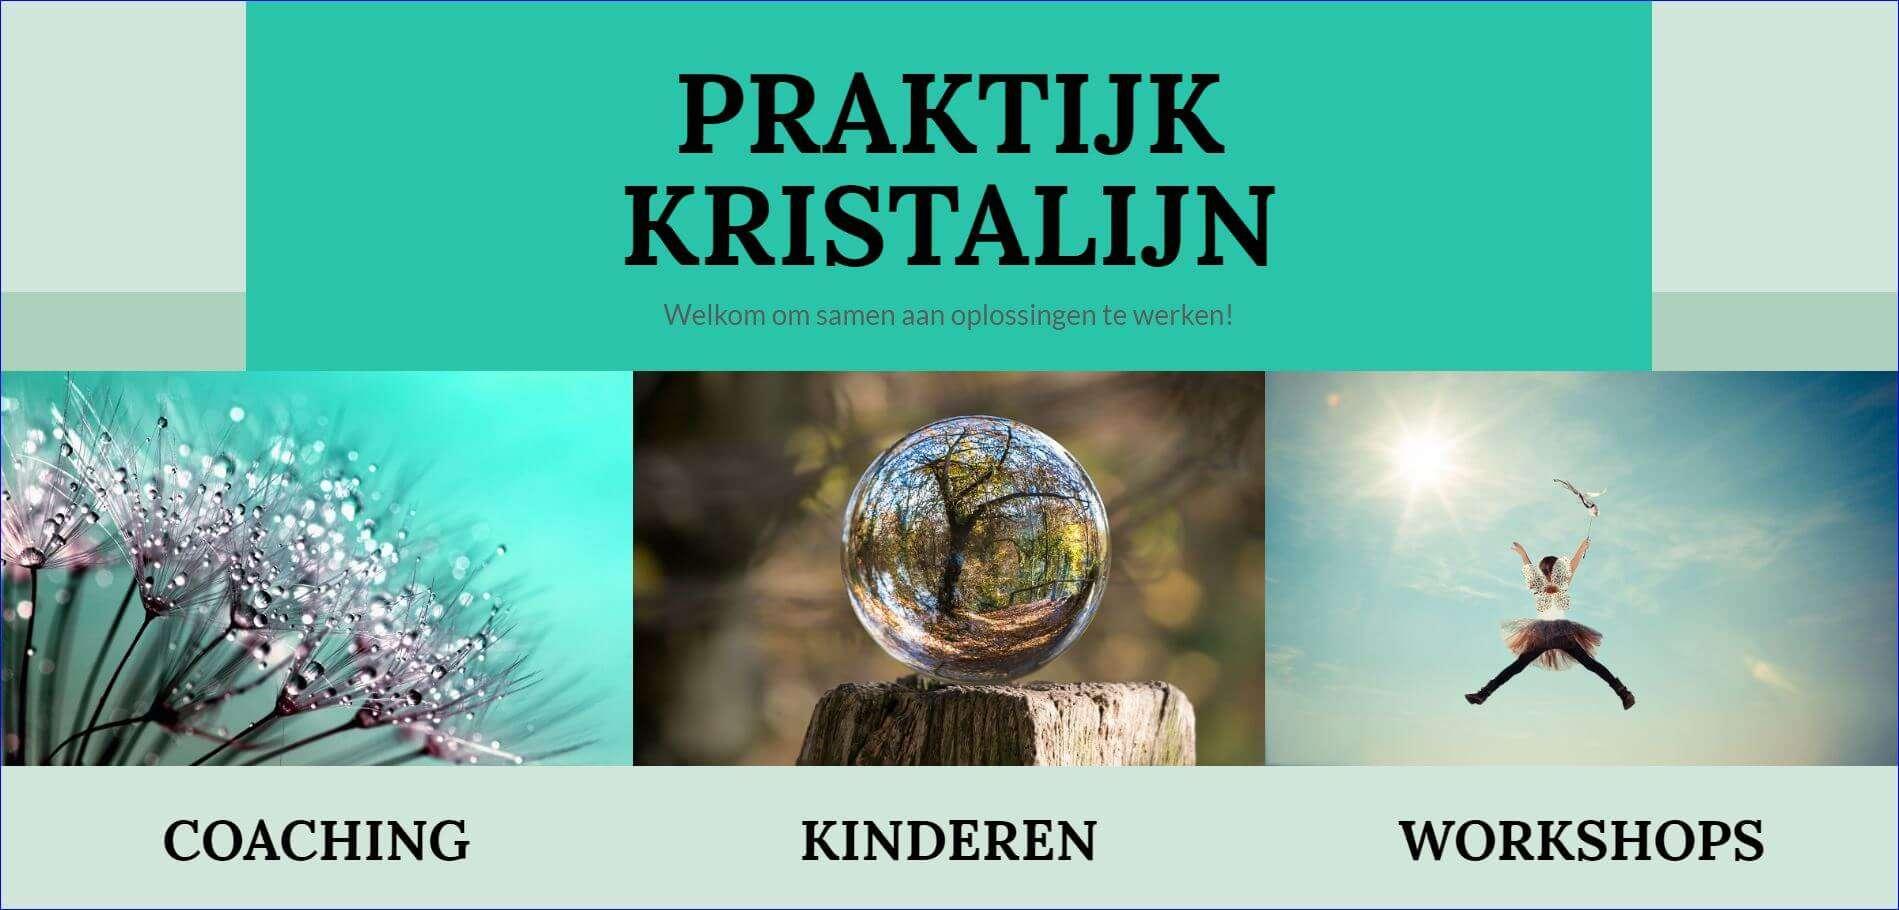 praktijkkristalijn.nl - Website op maat voor coachingspraktijk kristalijn, Heemstede